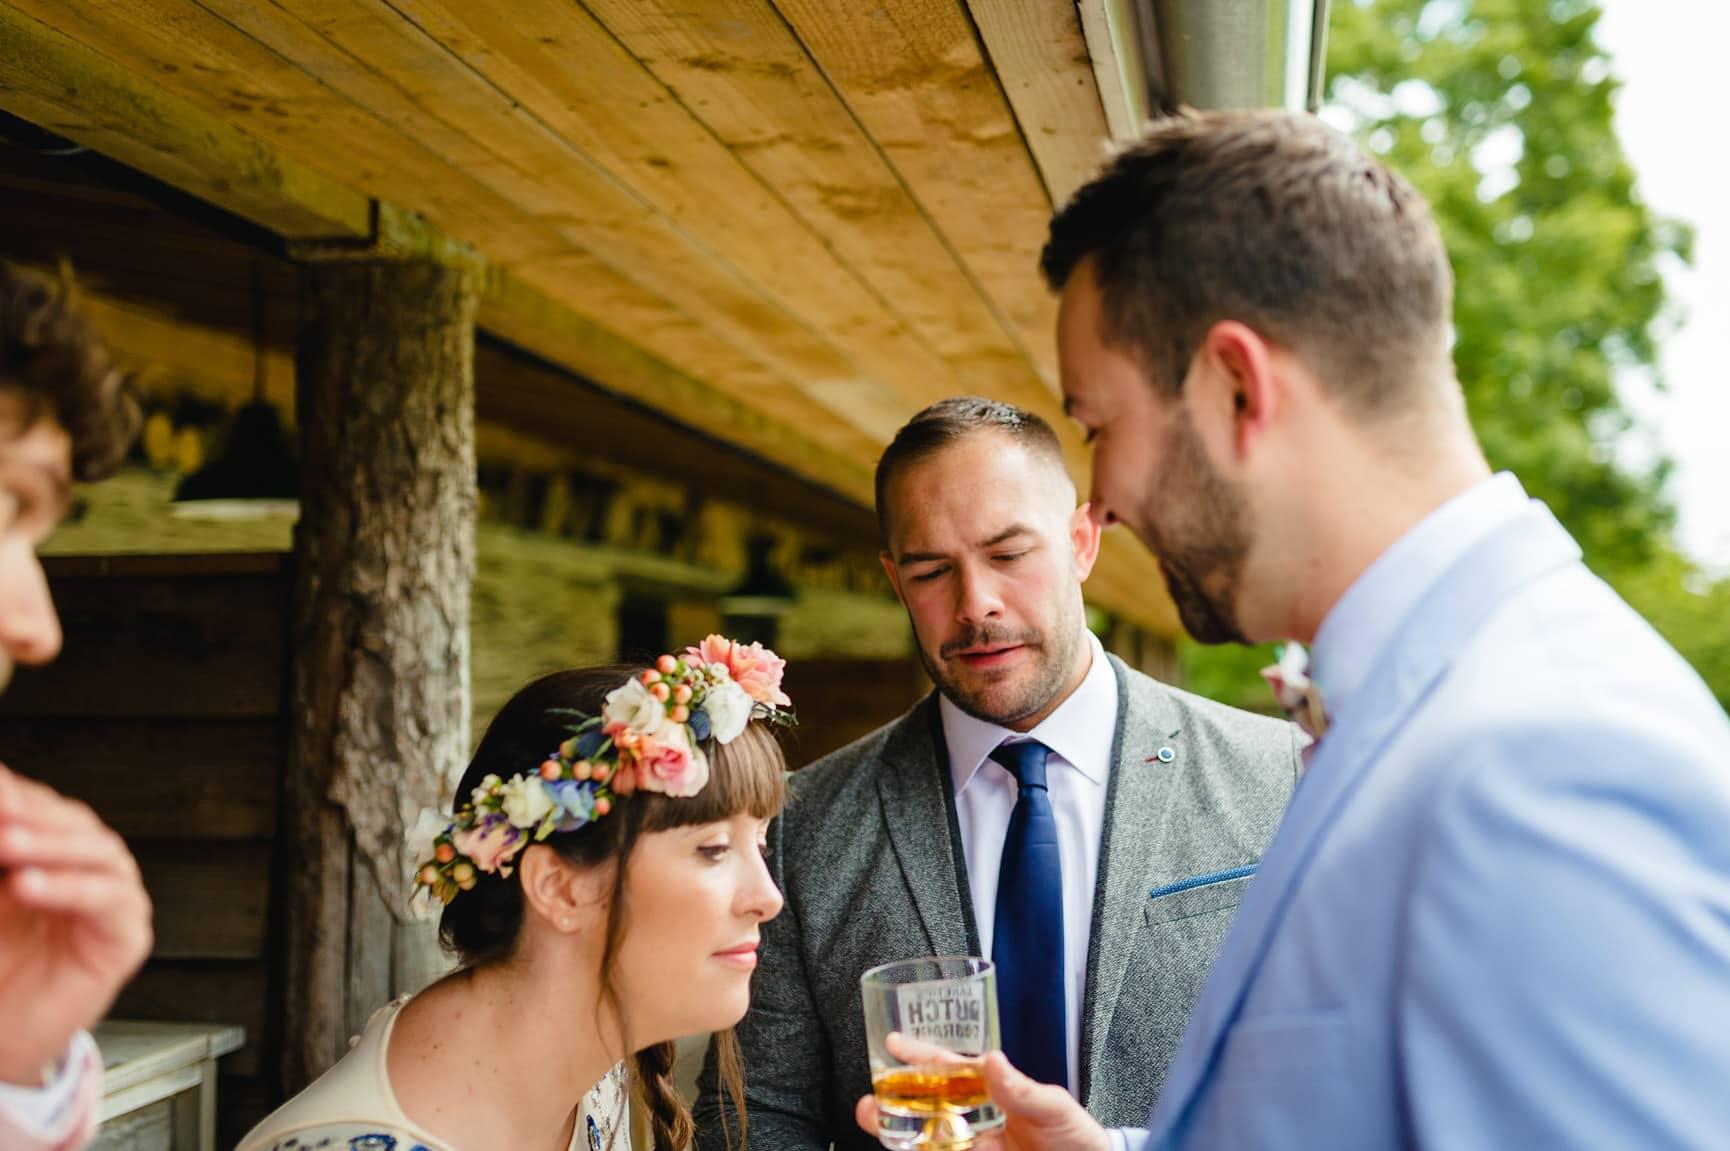 Fforest Wedding, Cardigan, Wales - Lauren and Gareth 33